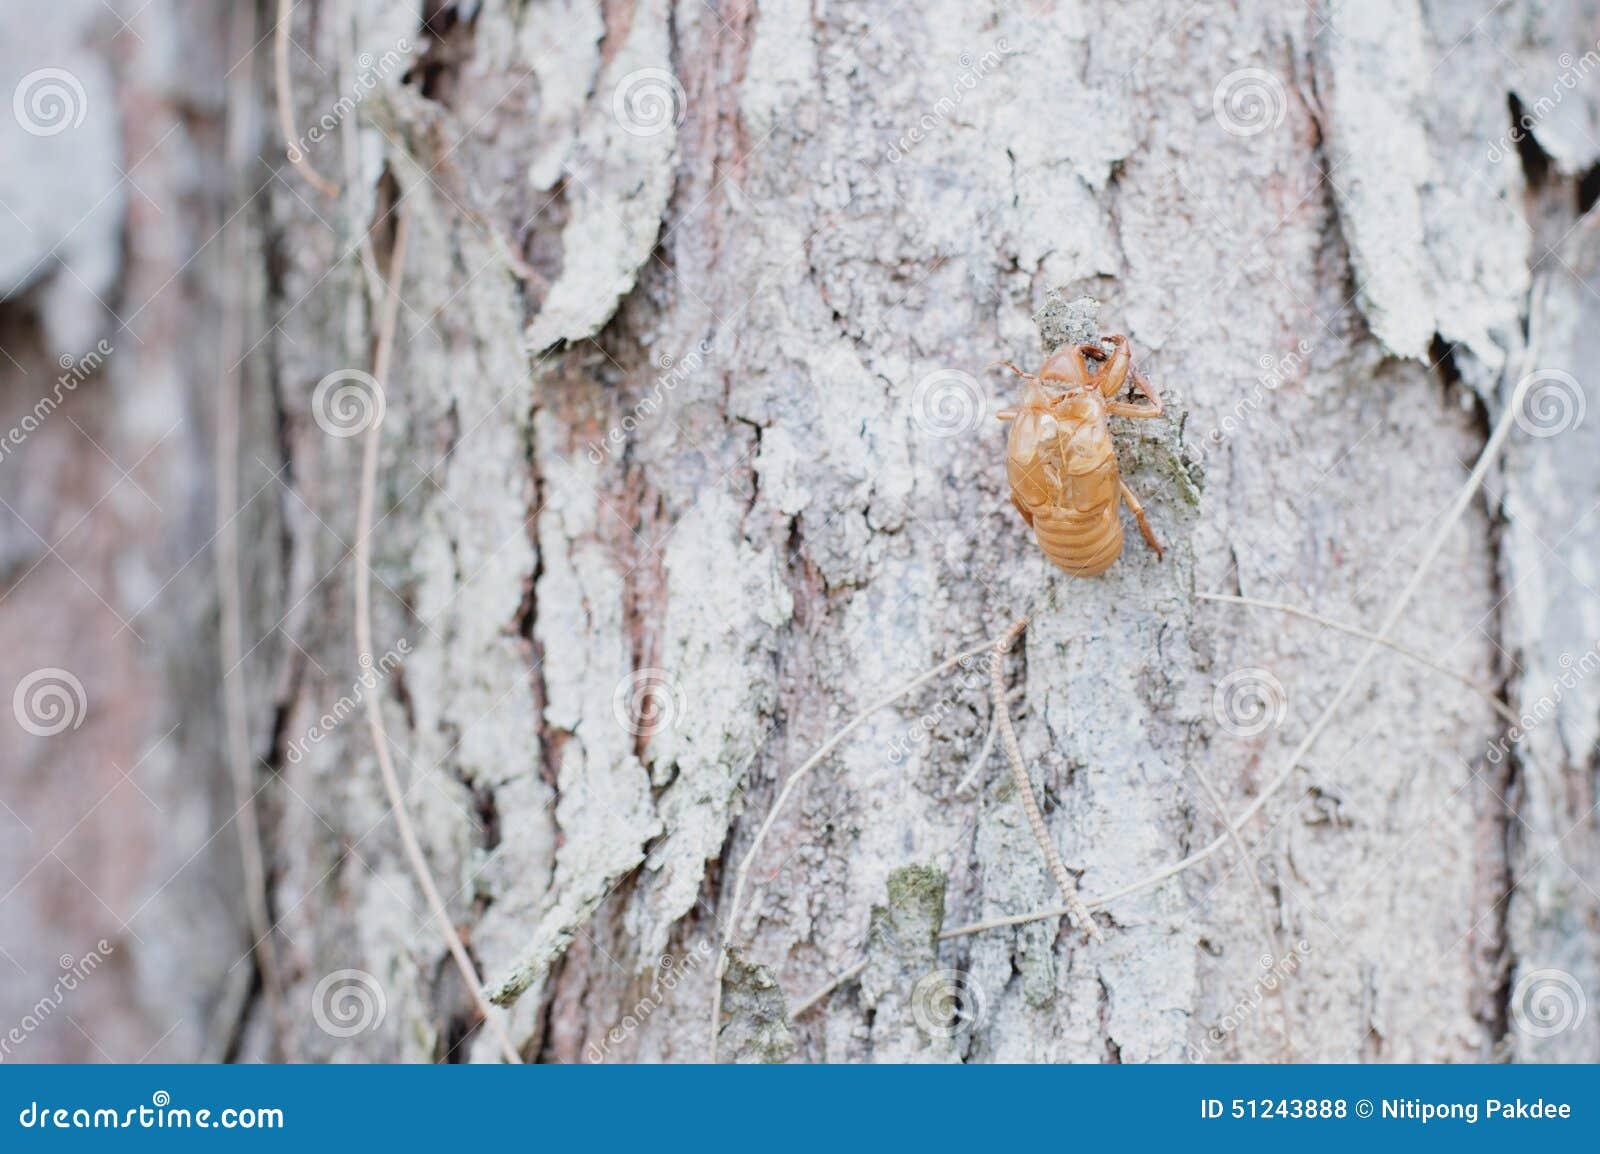 Peau d 39 insecte sur le fond d 39 arbre et en bois photo stock for Insecte attaquant le bois